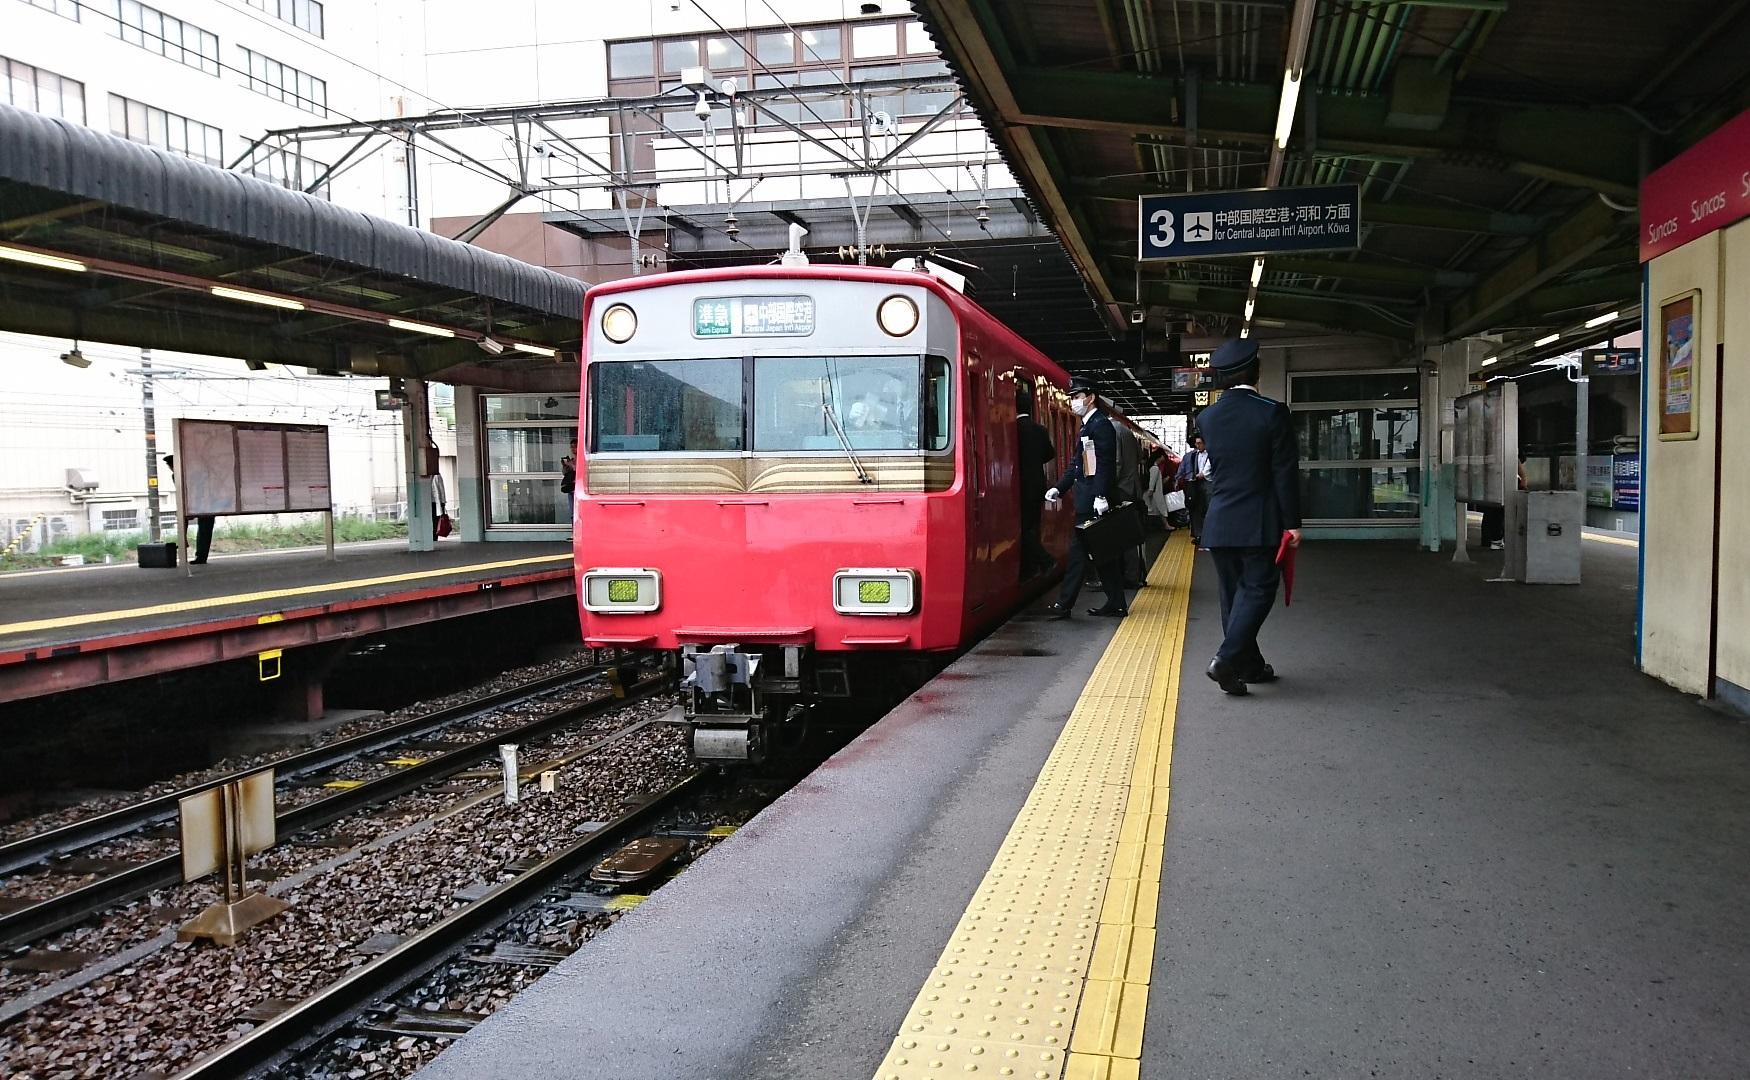 2018.4.24 名古屋 (28) 神宮前 - セントレアいき準急 1750-1080